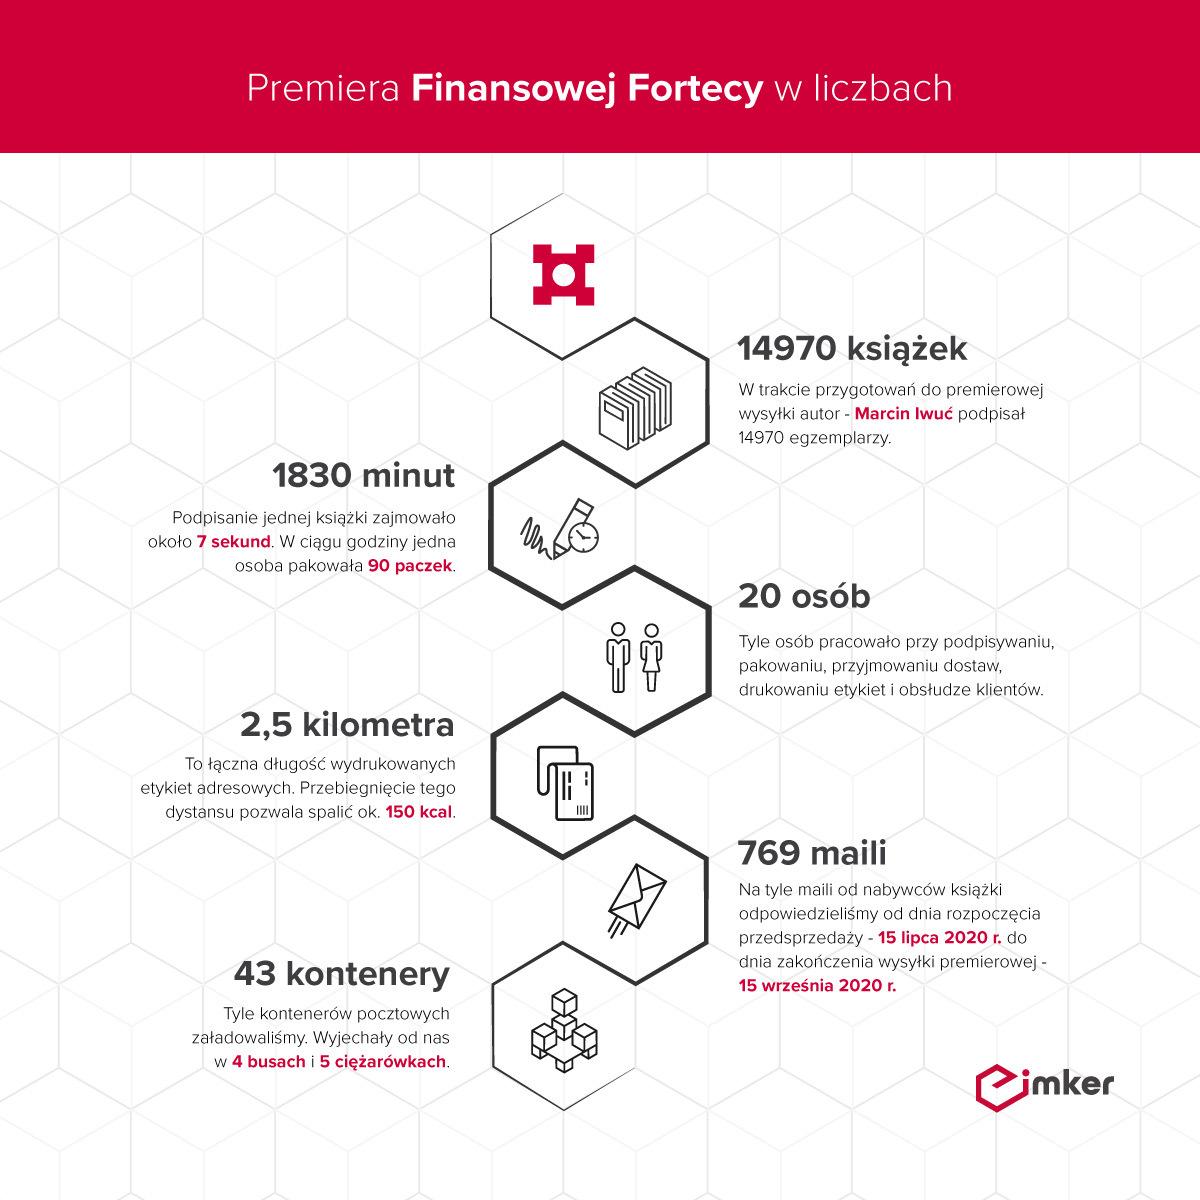 Finansowa-Forteca-w-liczbach